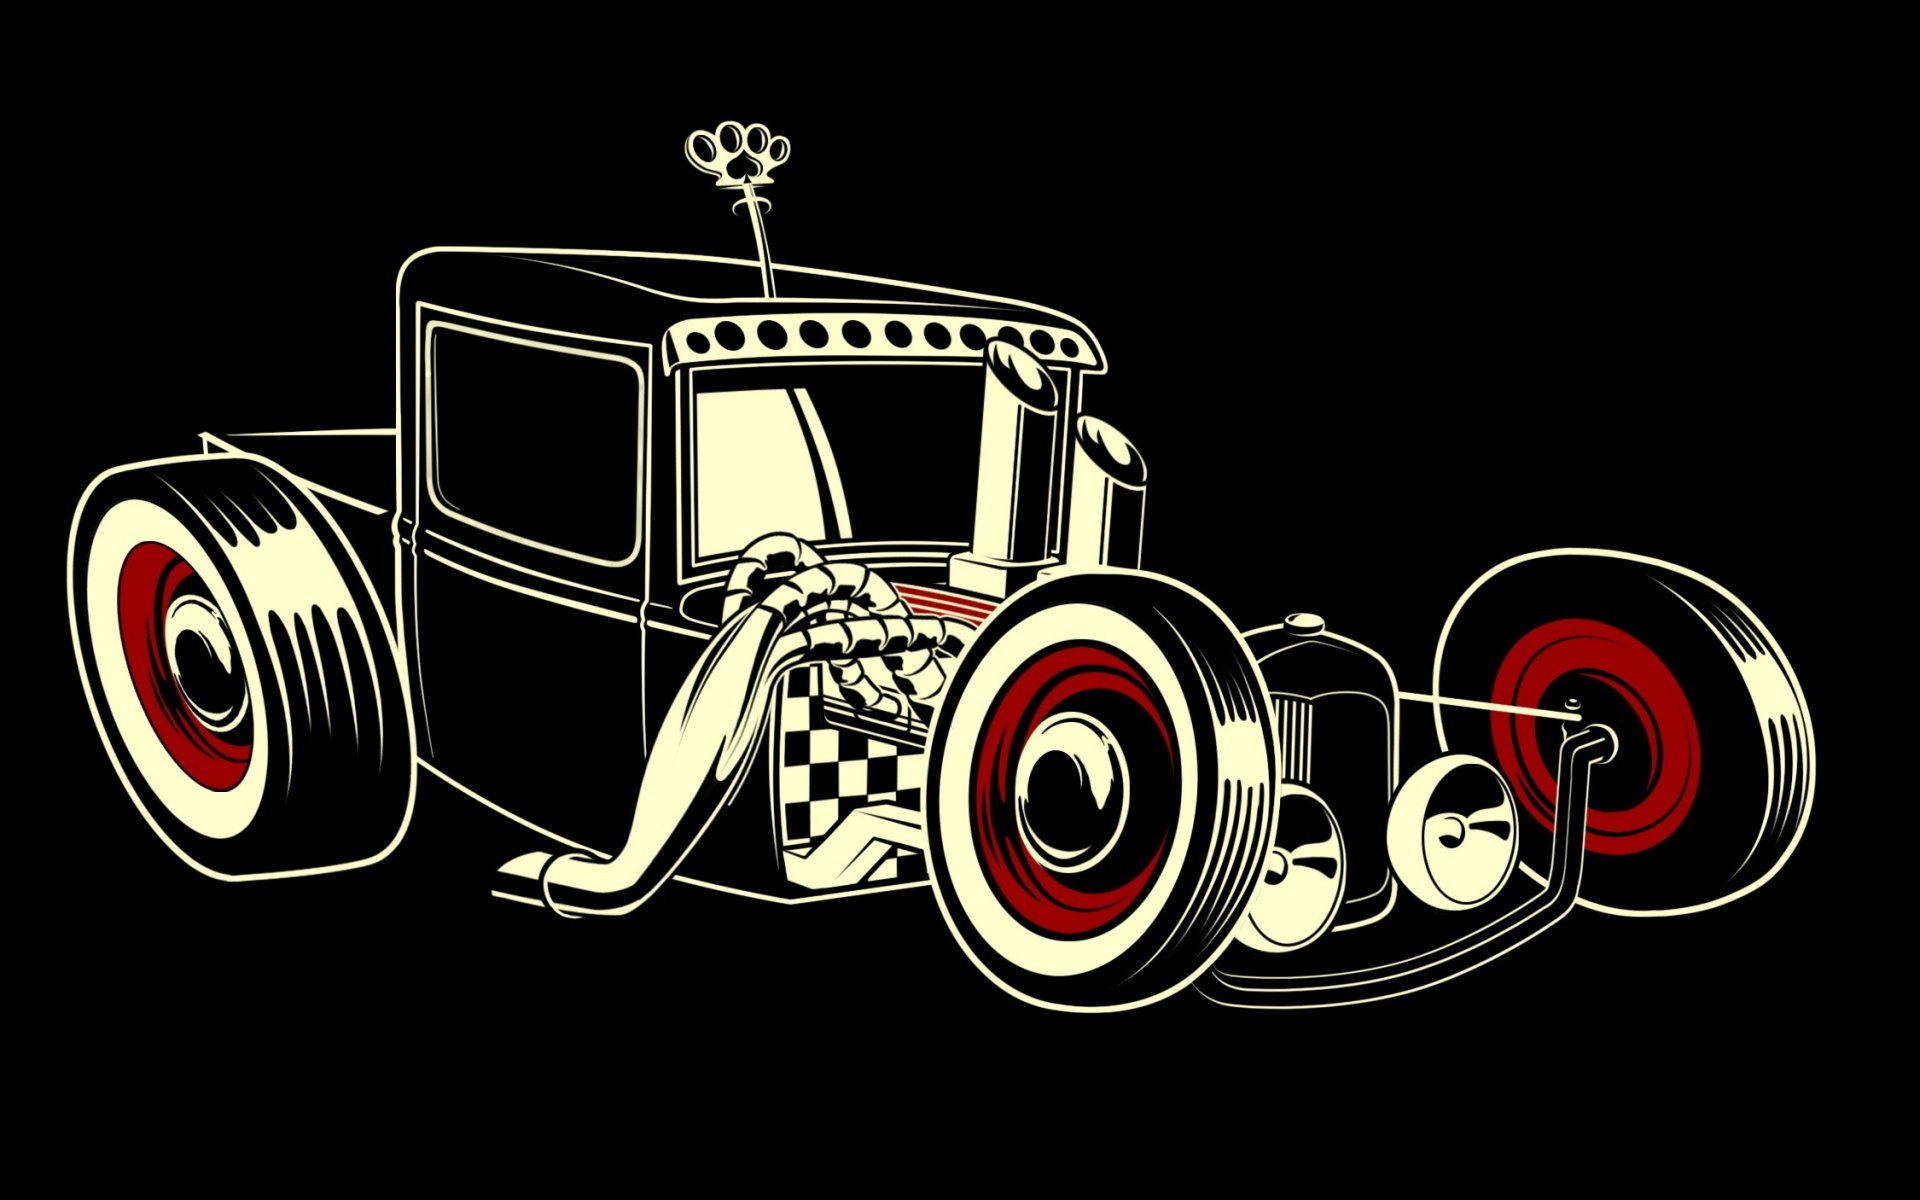 Ретро Автомобиль Рисунок вектор emgine мультфильм гостиная Главная Wall Art декор деревянной раме ткань плакаты